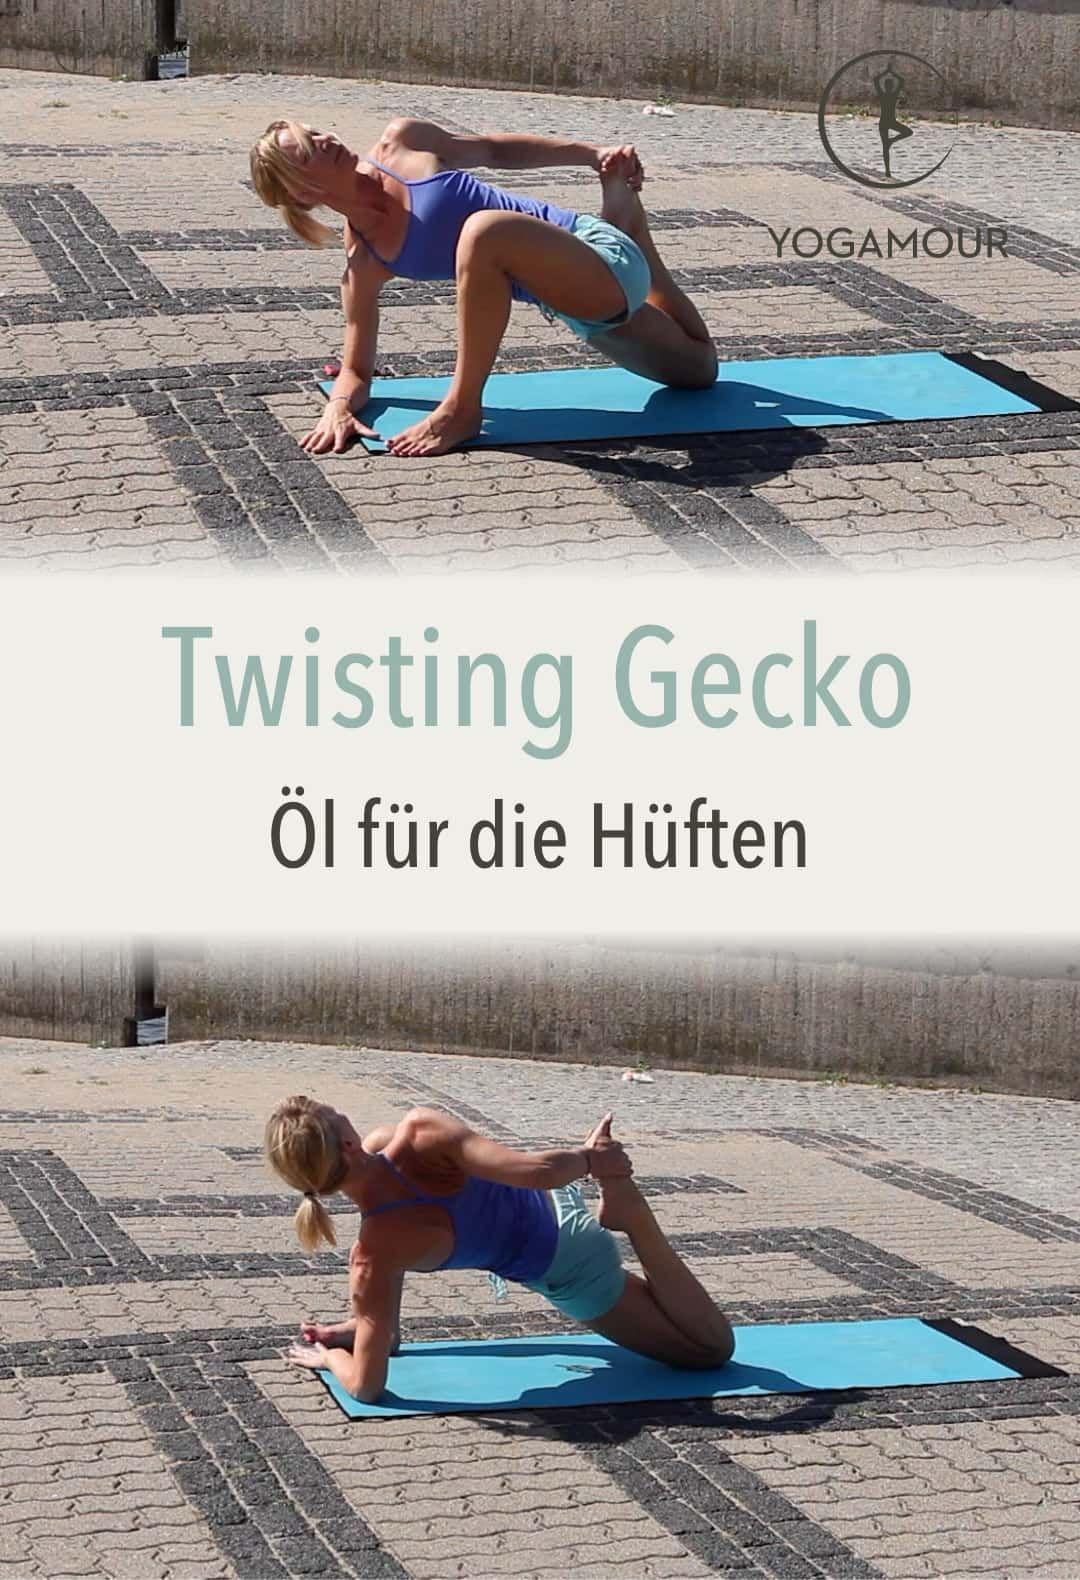 Öl für die Hüften 2 – Twisting Gecko -   - #Die #Exercise #für #gecko #huften #meditation #Öl #StudioWorkouts #twisting #YogaPoses